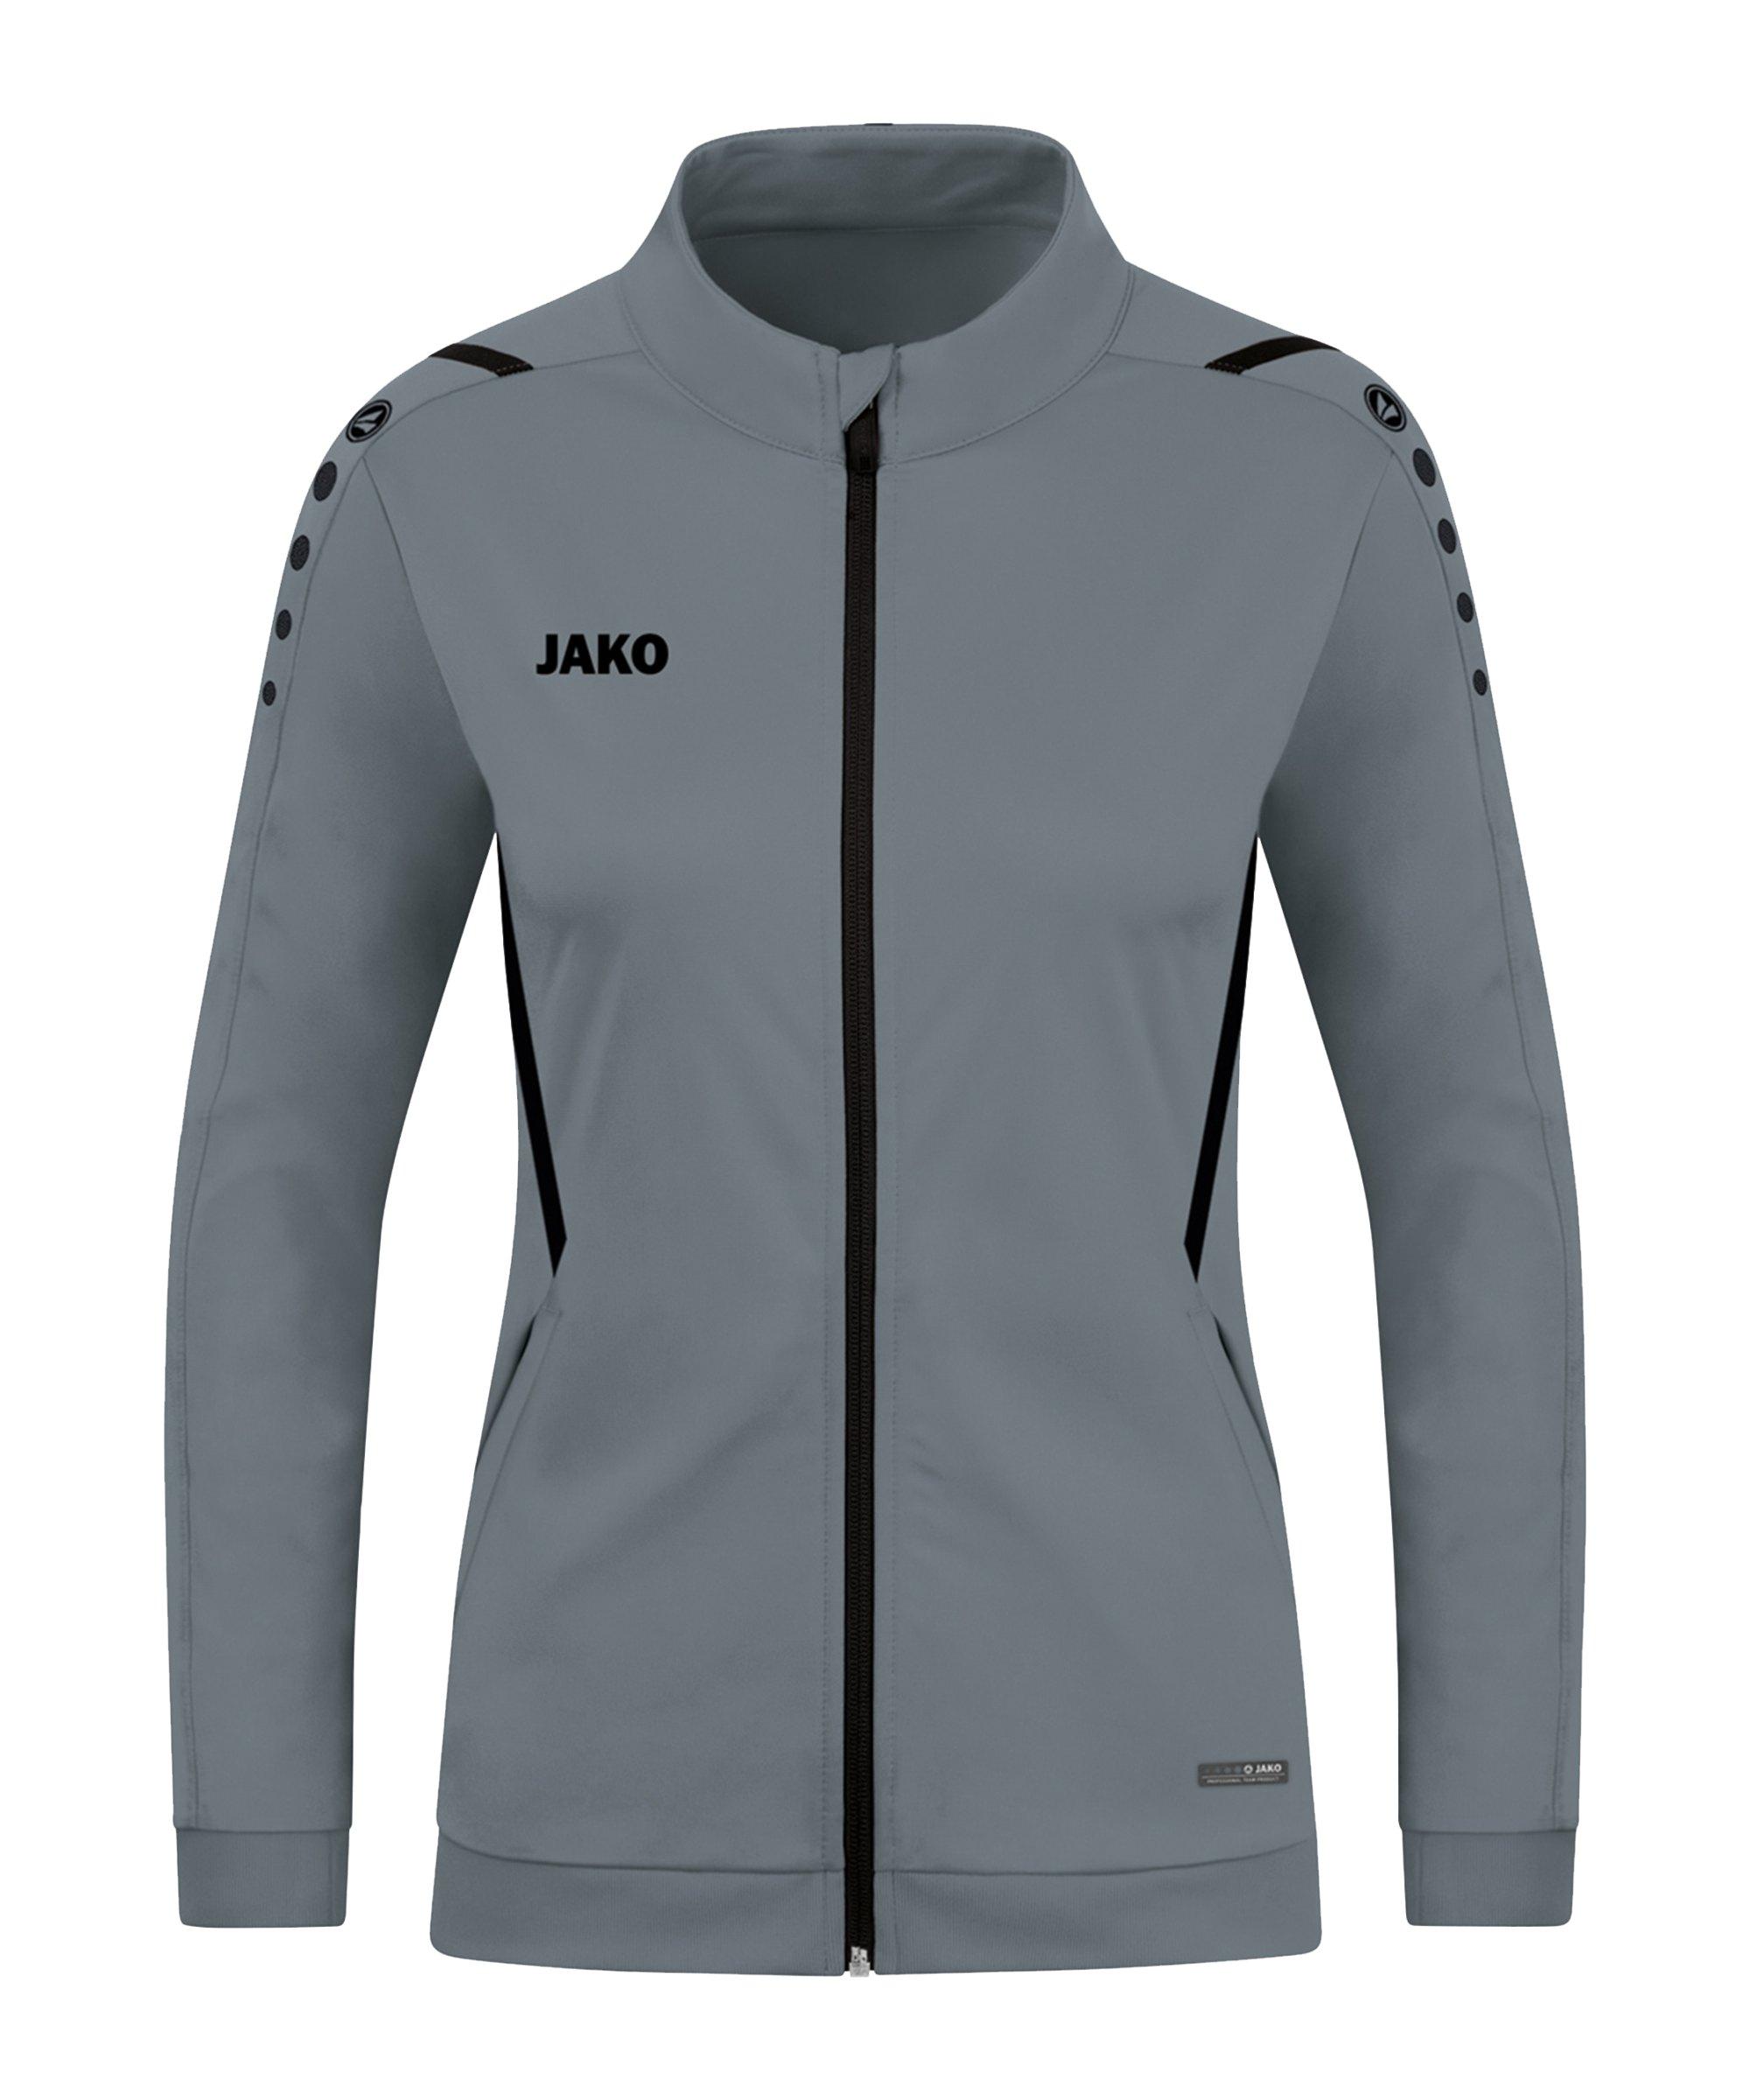 JAKO Challenge Polyesterjacke Damen Grau F841 - grau